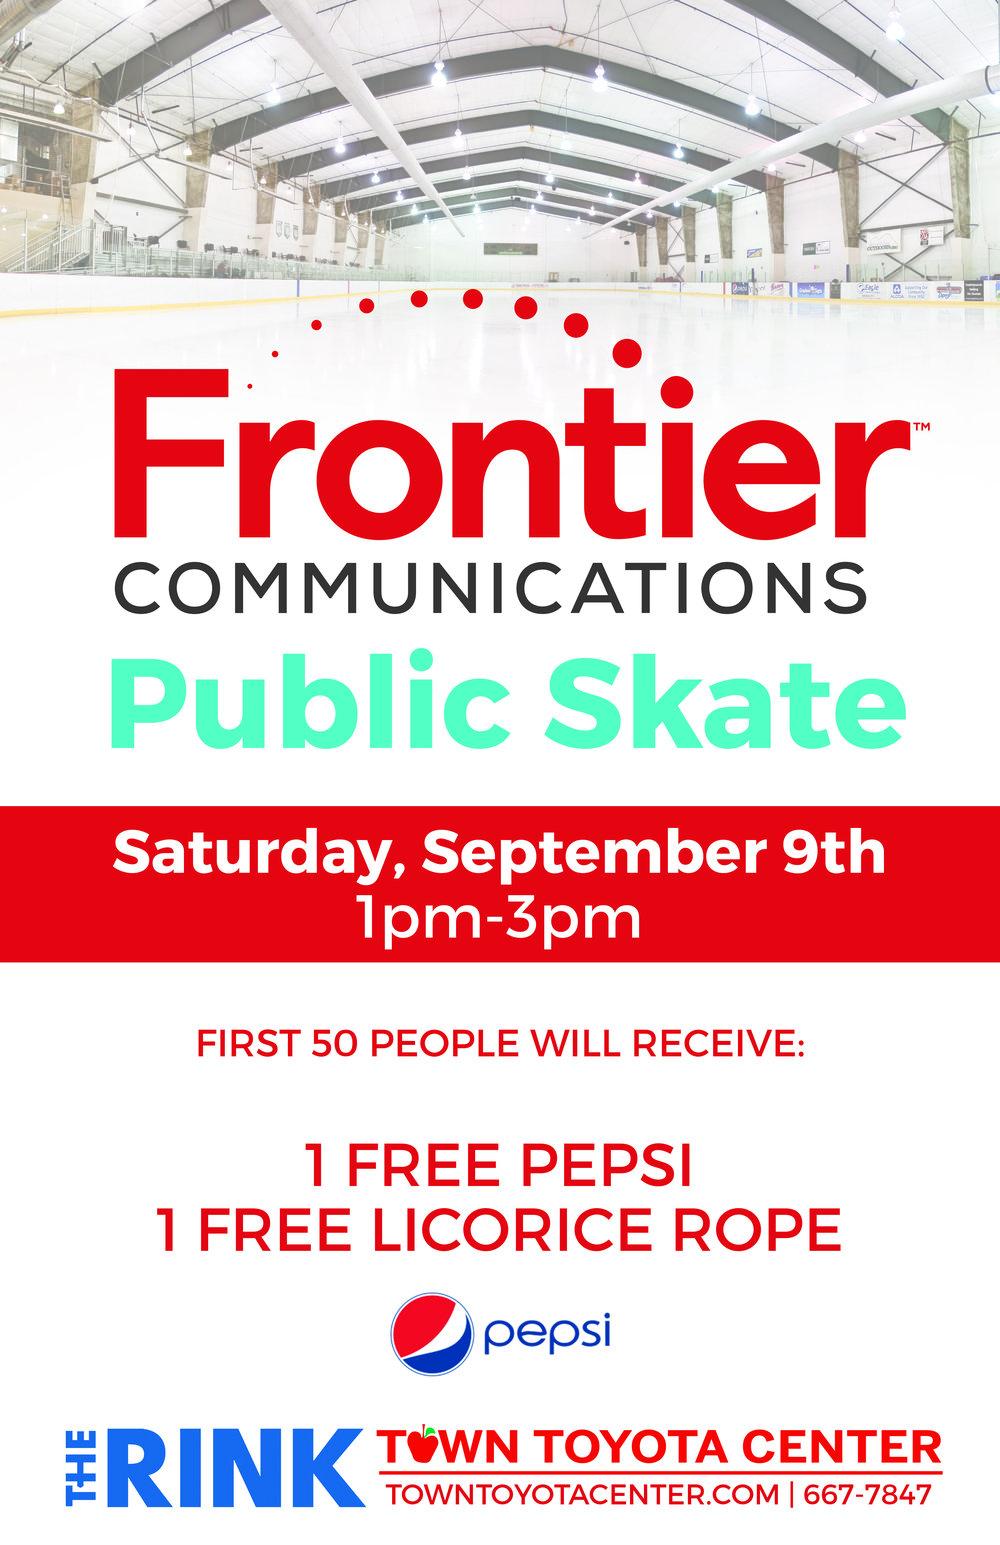 Frontier Skate Poster.jpg